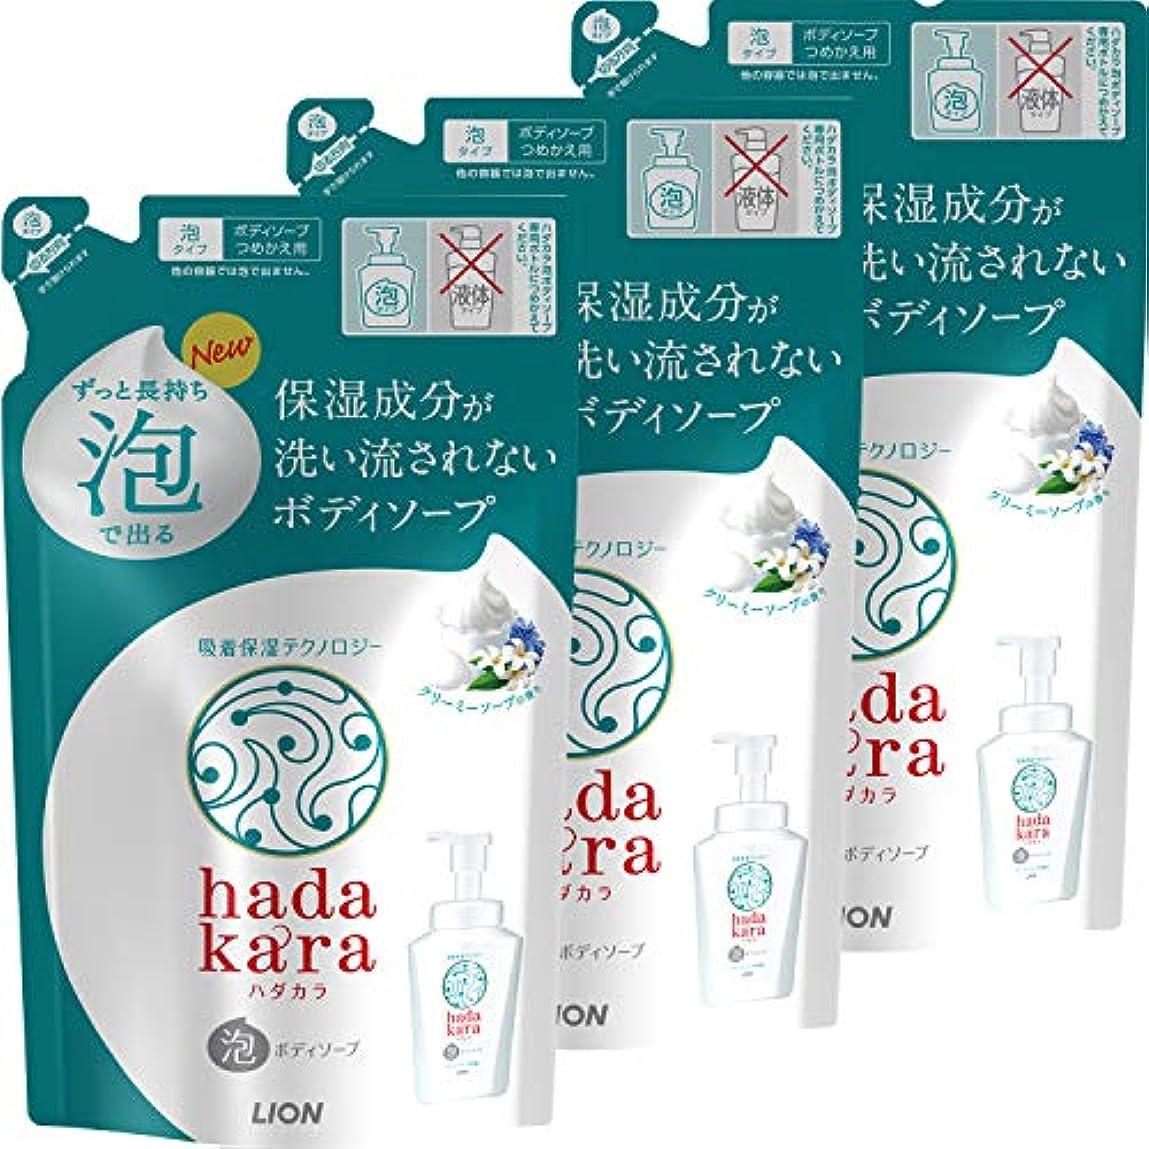 よく話されるきゅうり植物学者hadakara(ハダカラ) ボディソープ 泡タイプ クリーミーソープの香り 詰替440ml×3個